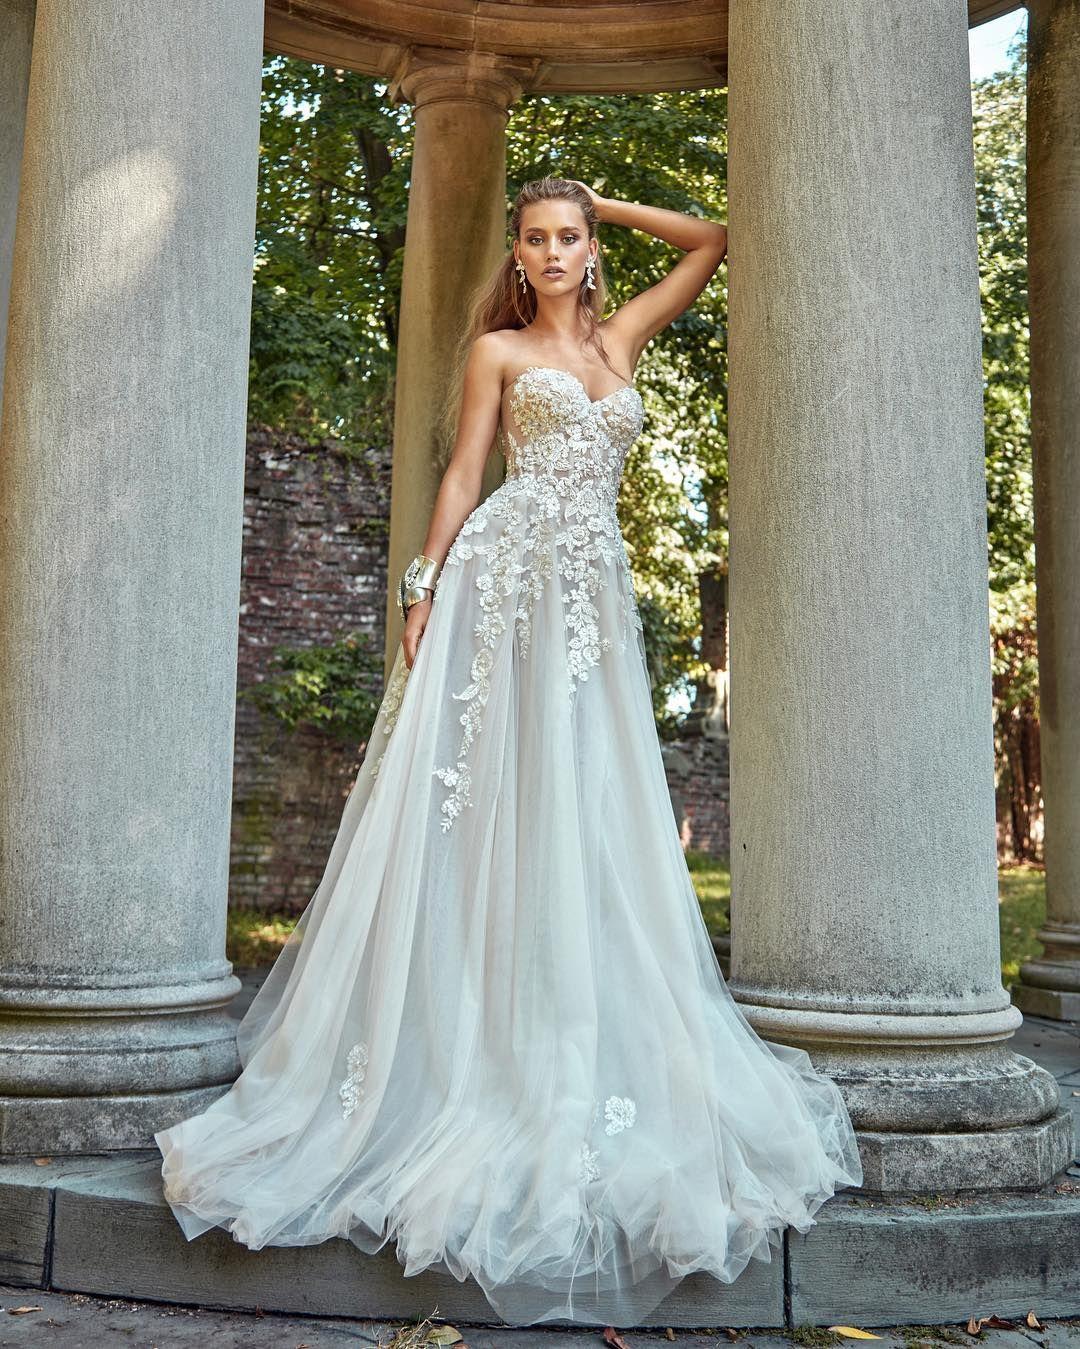 Lovely Design A Wedding Dress Photos - Wedding Ideas - memiocall.com